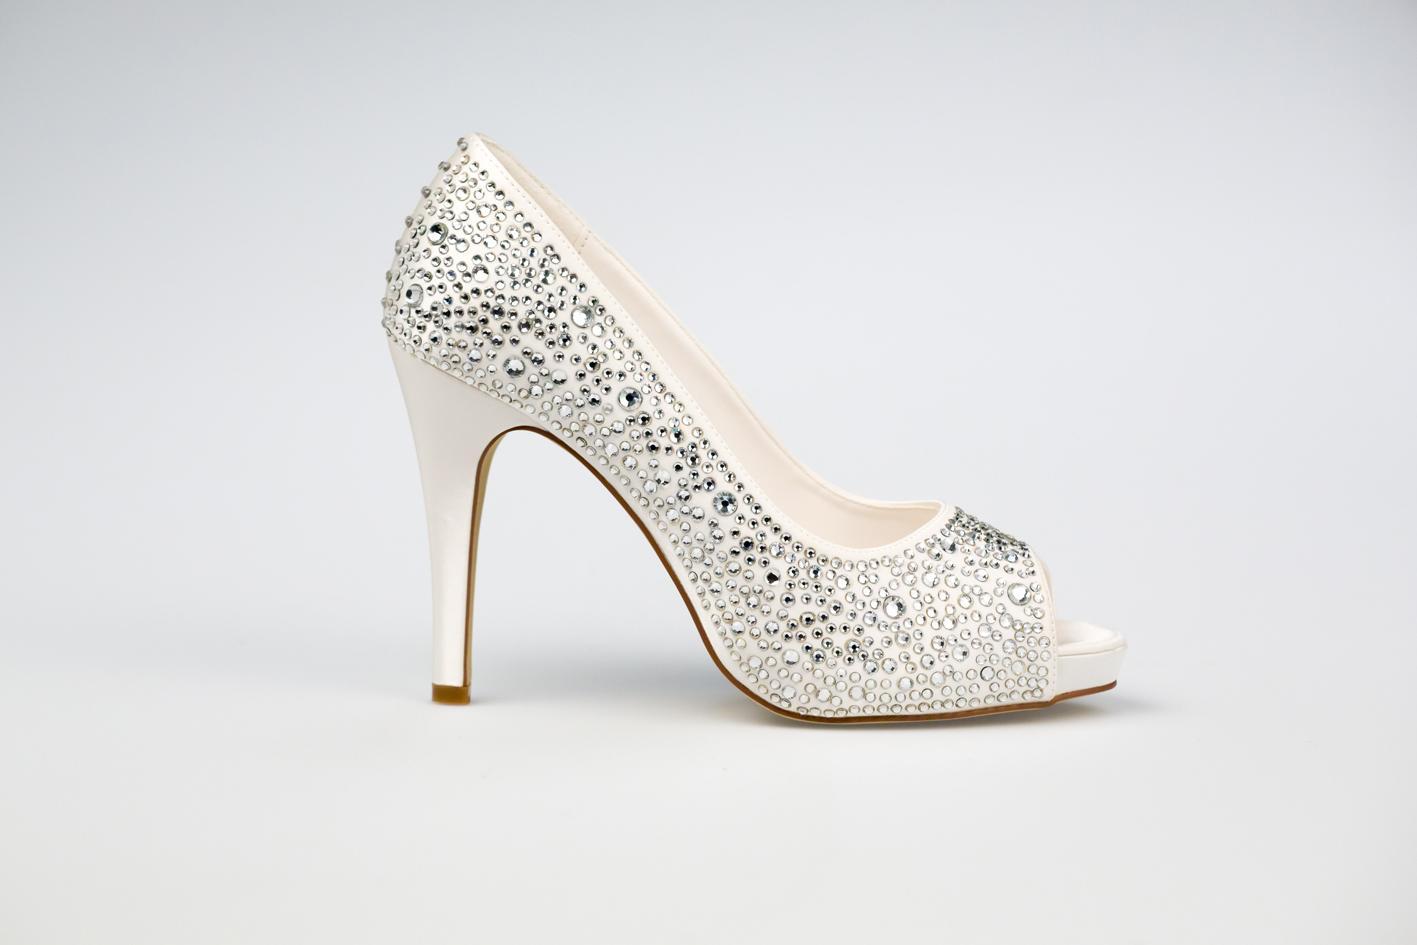 Svadobné topánky Roxanne, G.Westerleigh - Obrázok č. 2